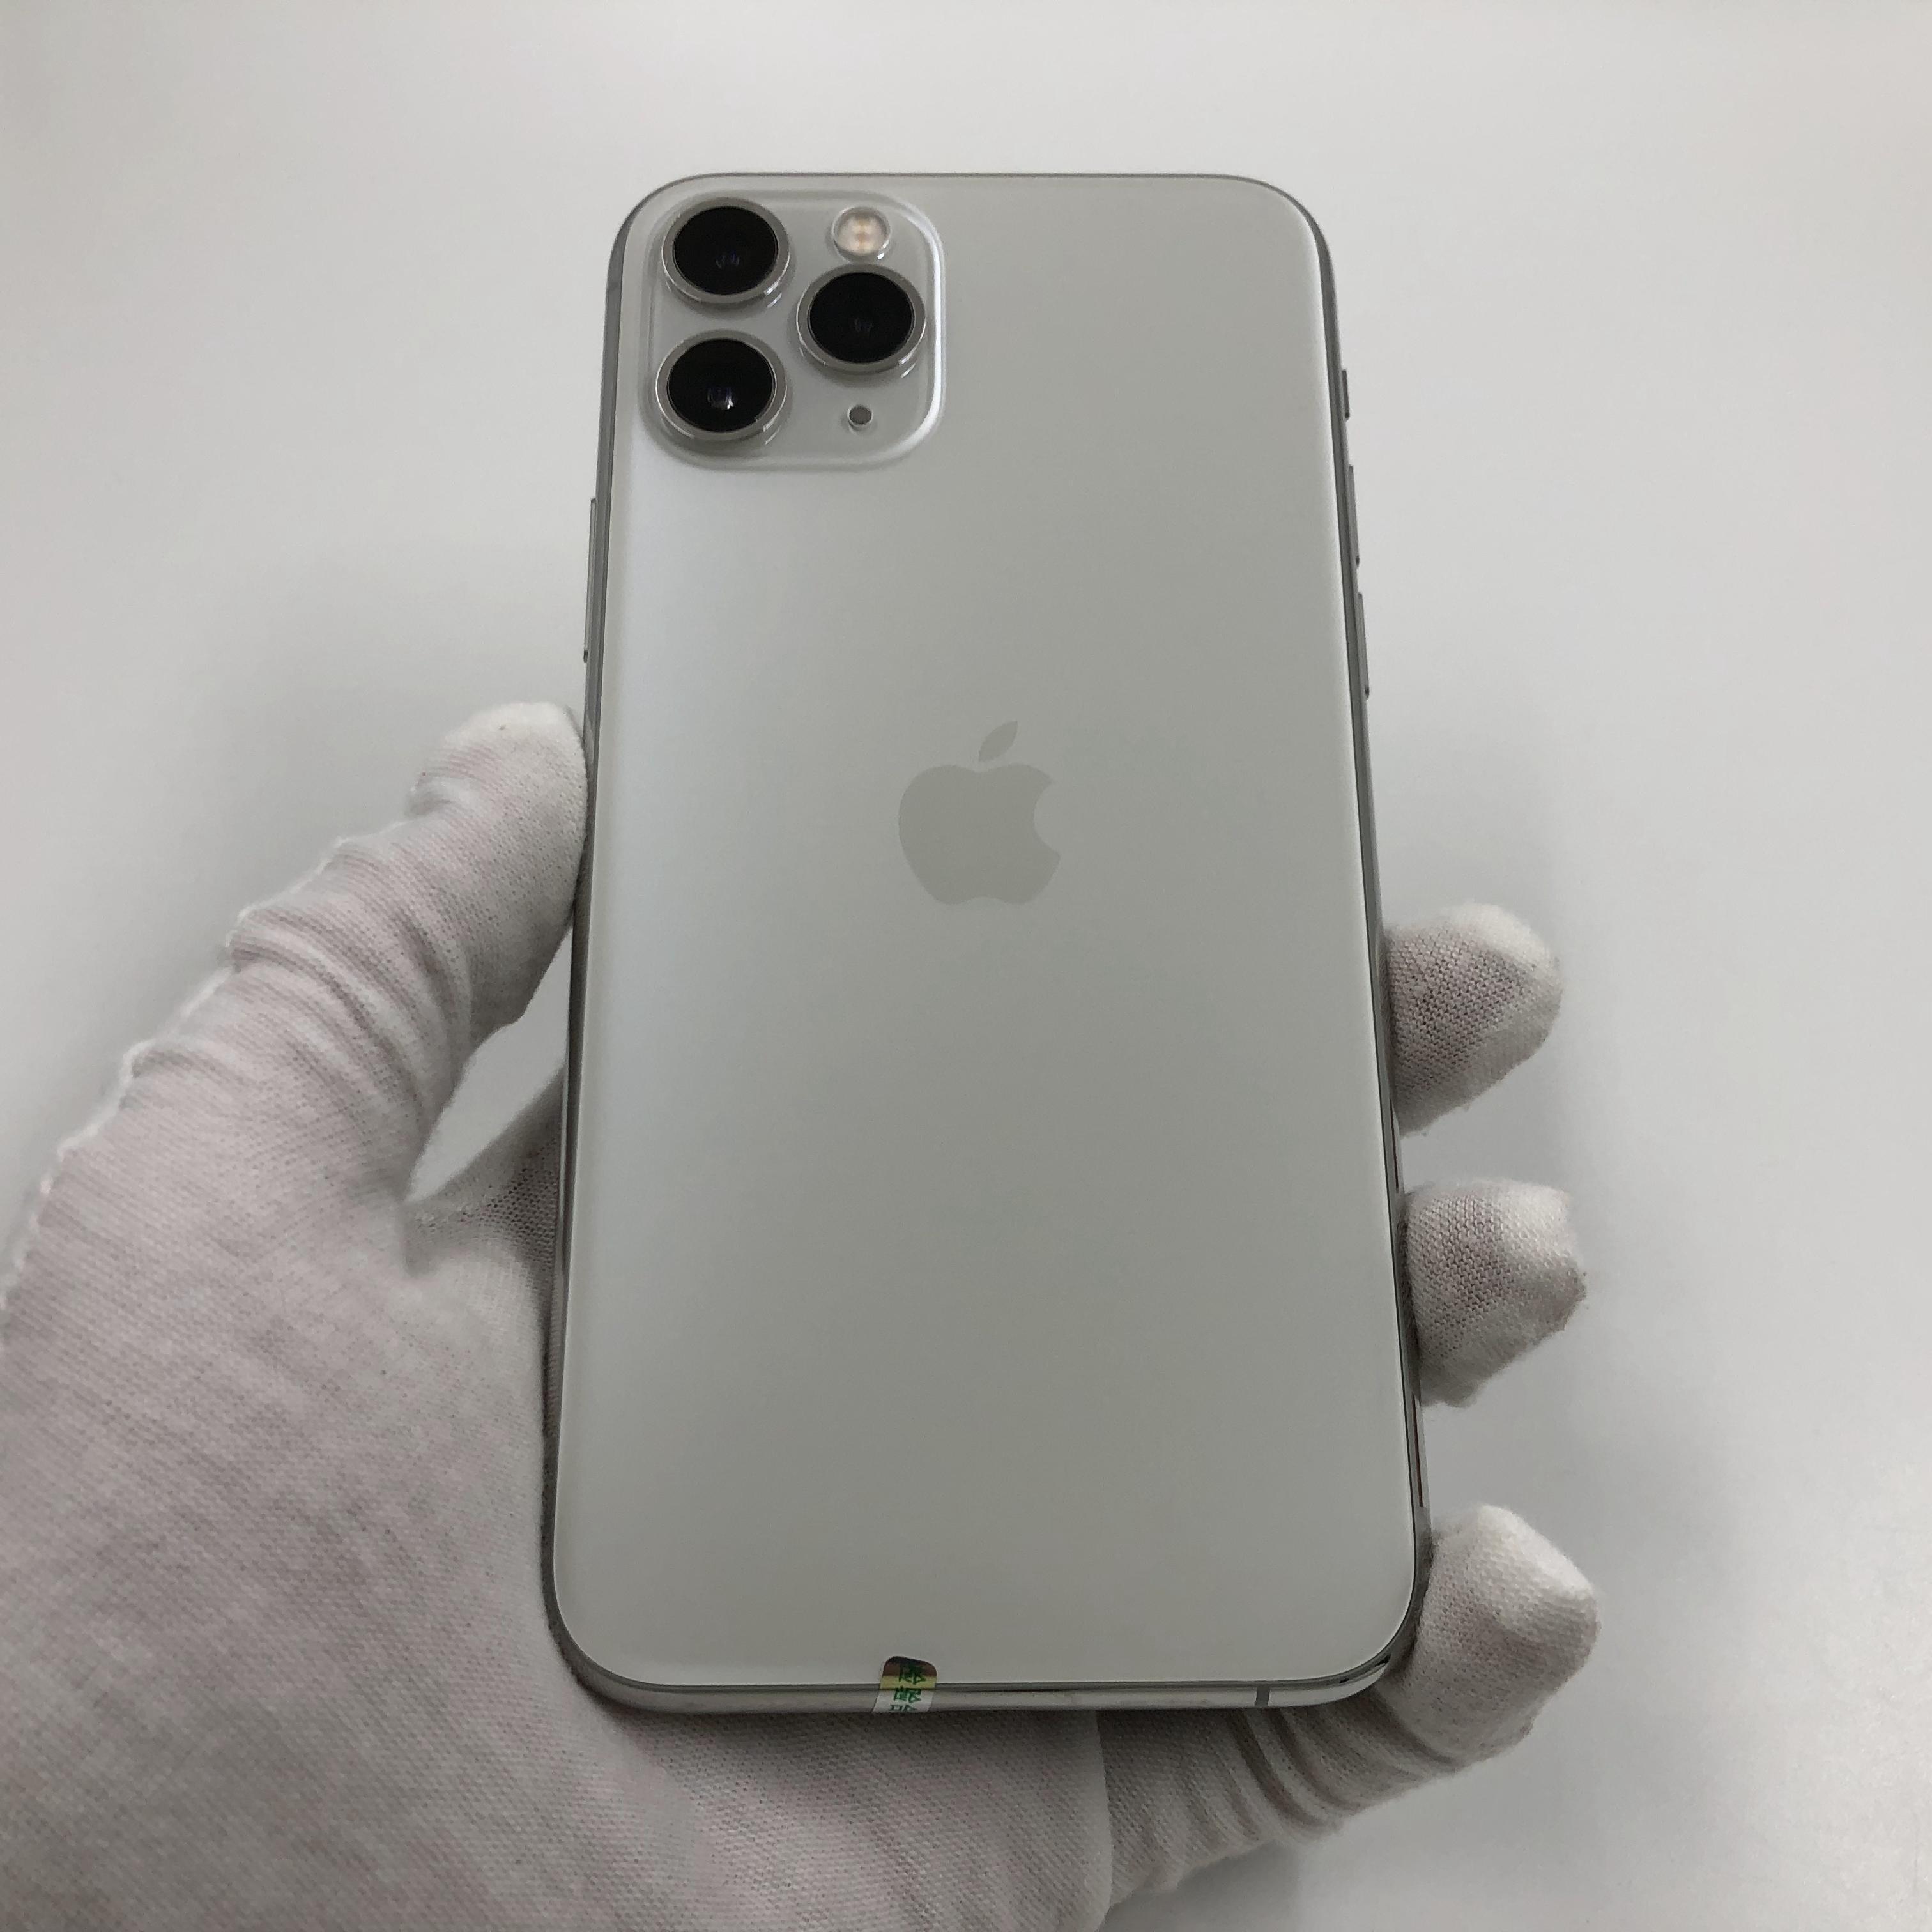 苹果【iPhone 11 Pro】4G全网通 银色 64G 国行 95新 真机实拍